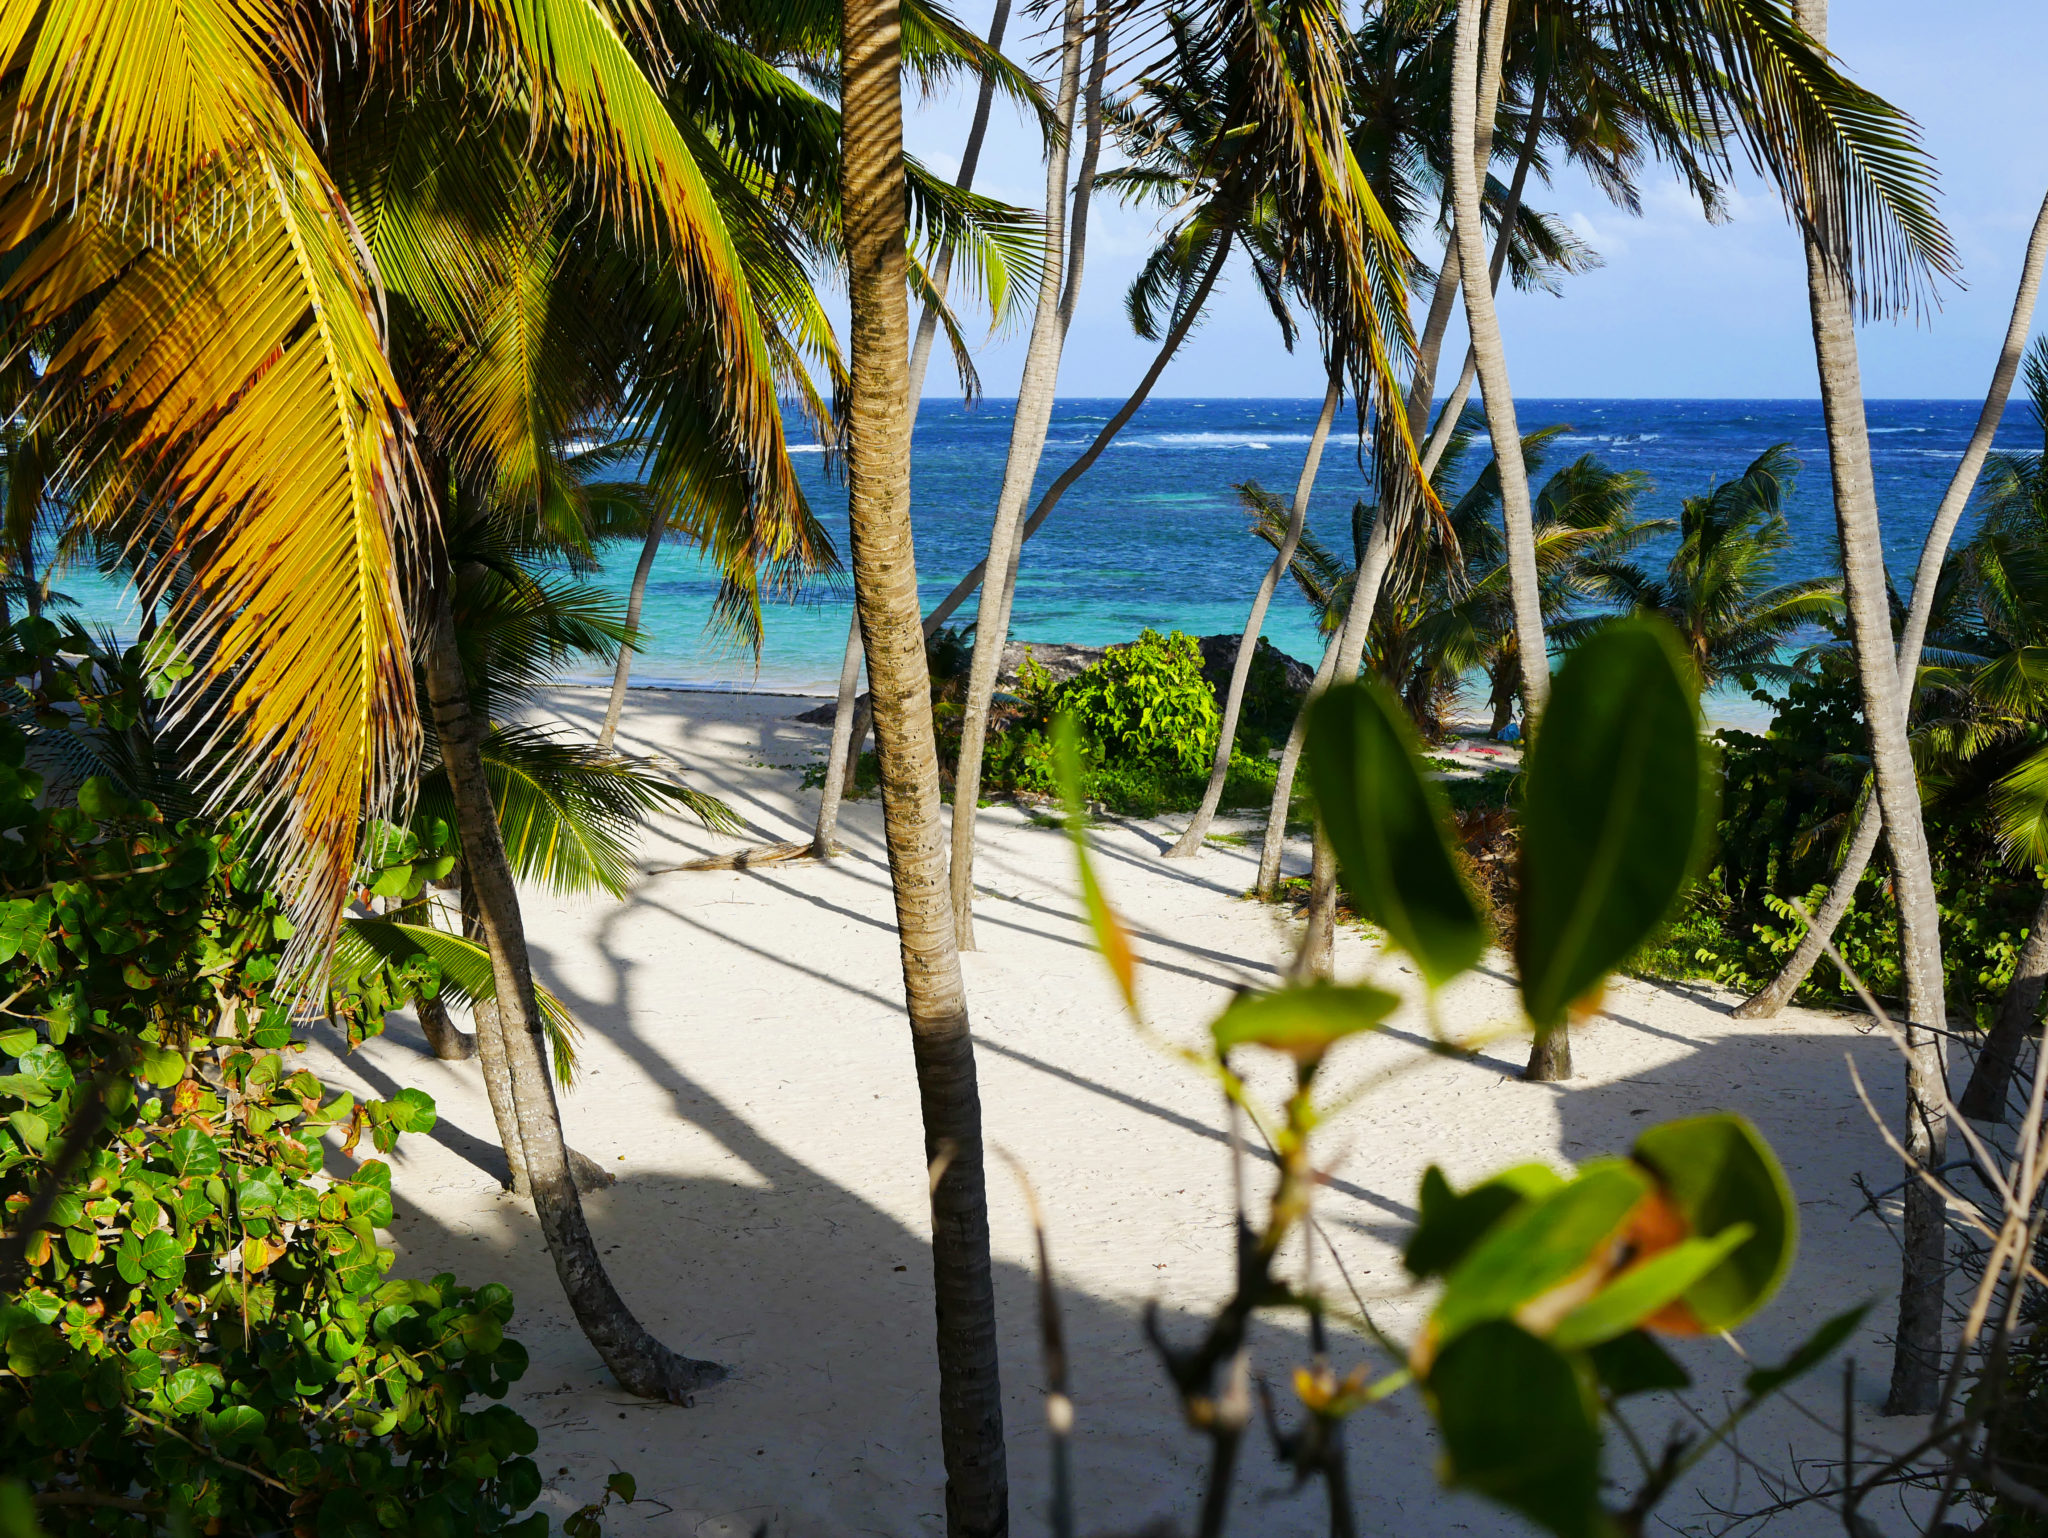 site de rencontre dans l'île des Caraïbes